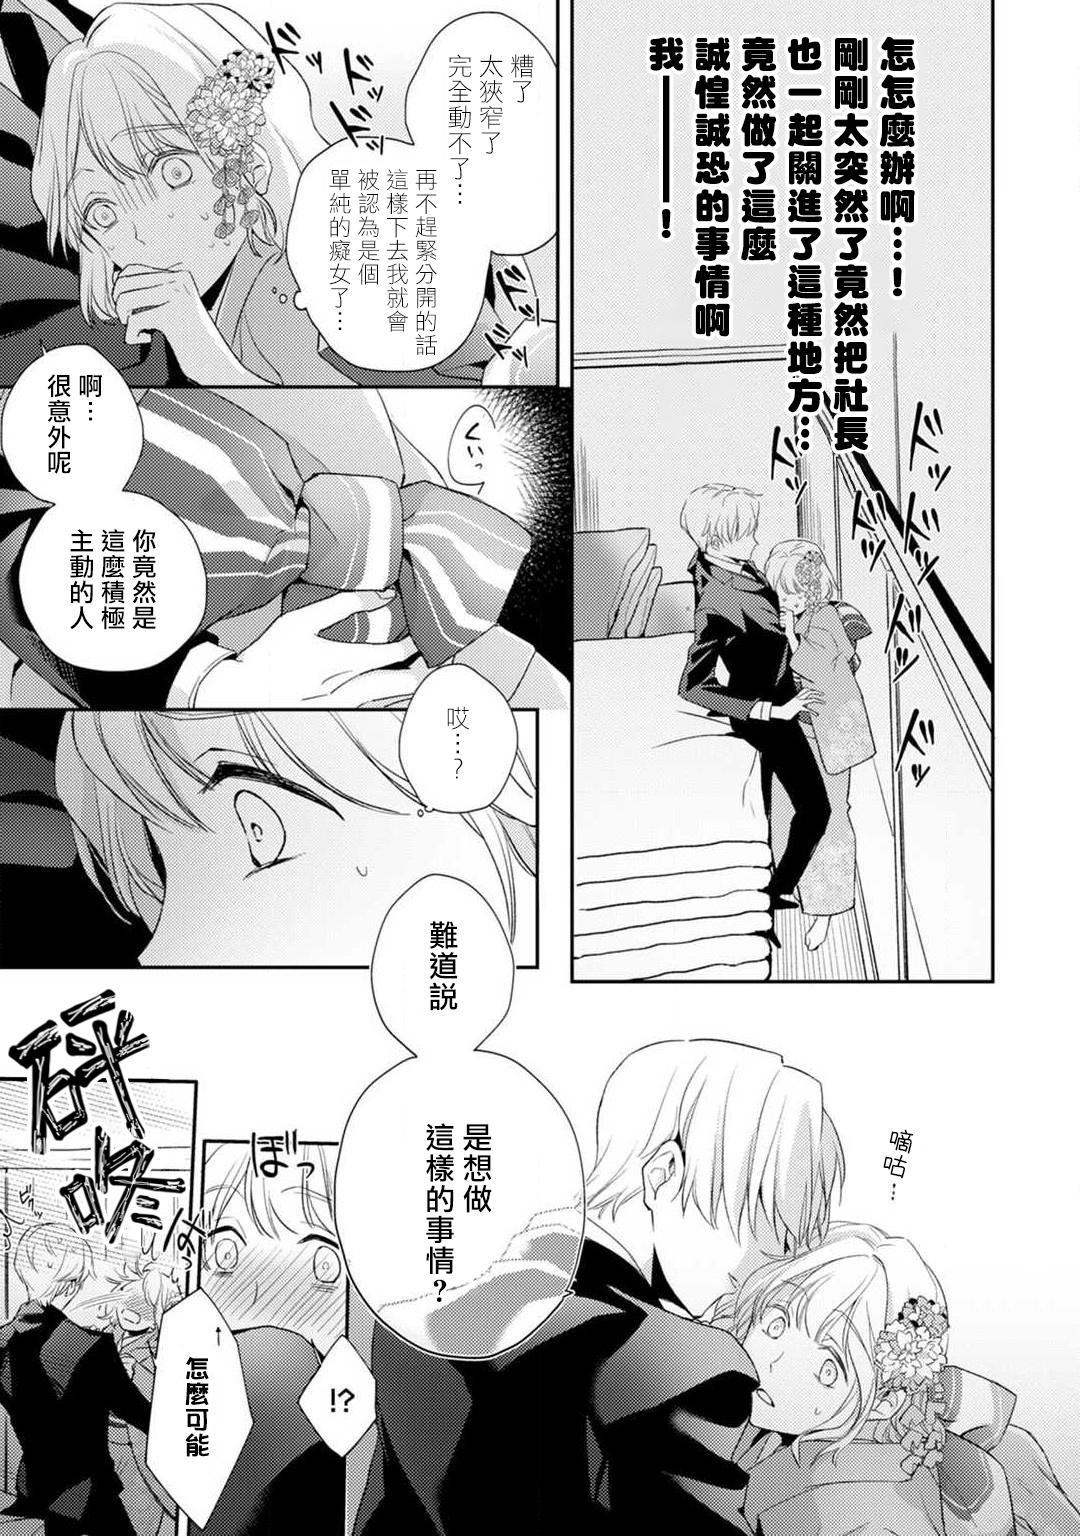 [Shichigatsu Motomi]  Sonna Kao shite, Sasotteru? ~Dekiai Shachou to Migawari Omiaikekkon!?~ 1-7 | 這種表情,在誘惑我嗎?~溺愛社長和替身相親結婚!? act.1 [Chinese] [拾荒者汉化组] 15